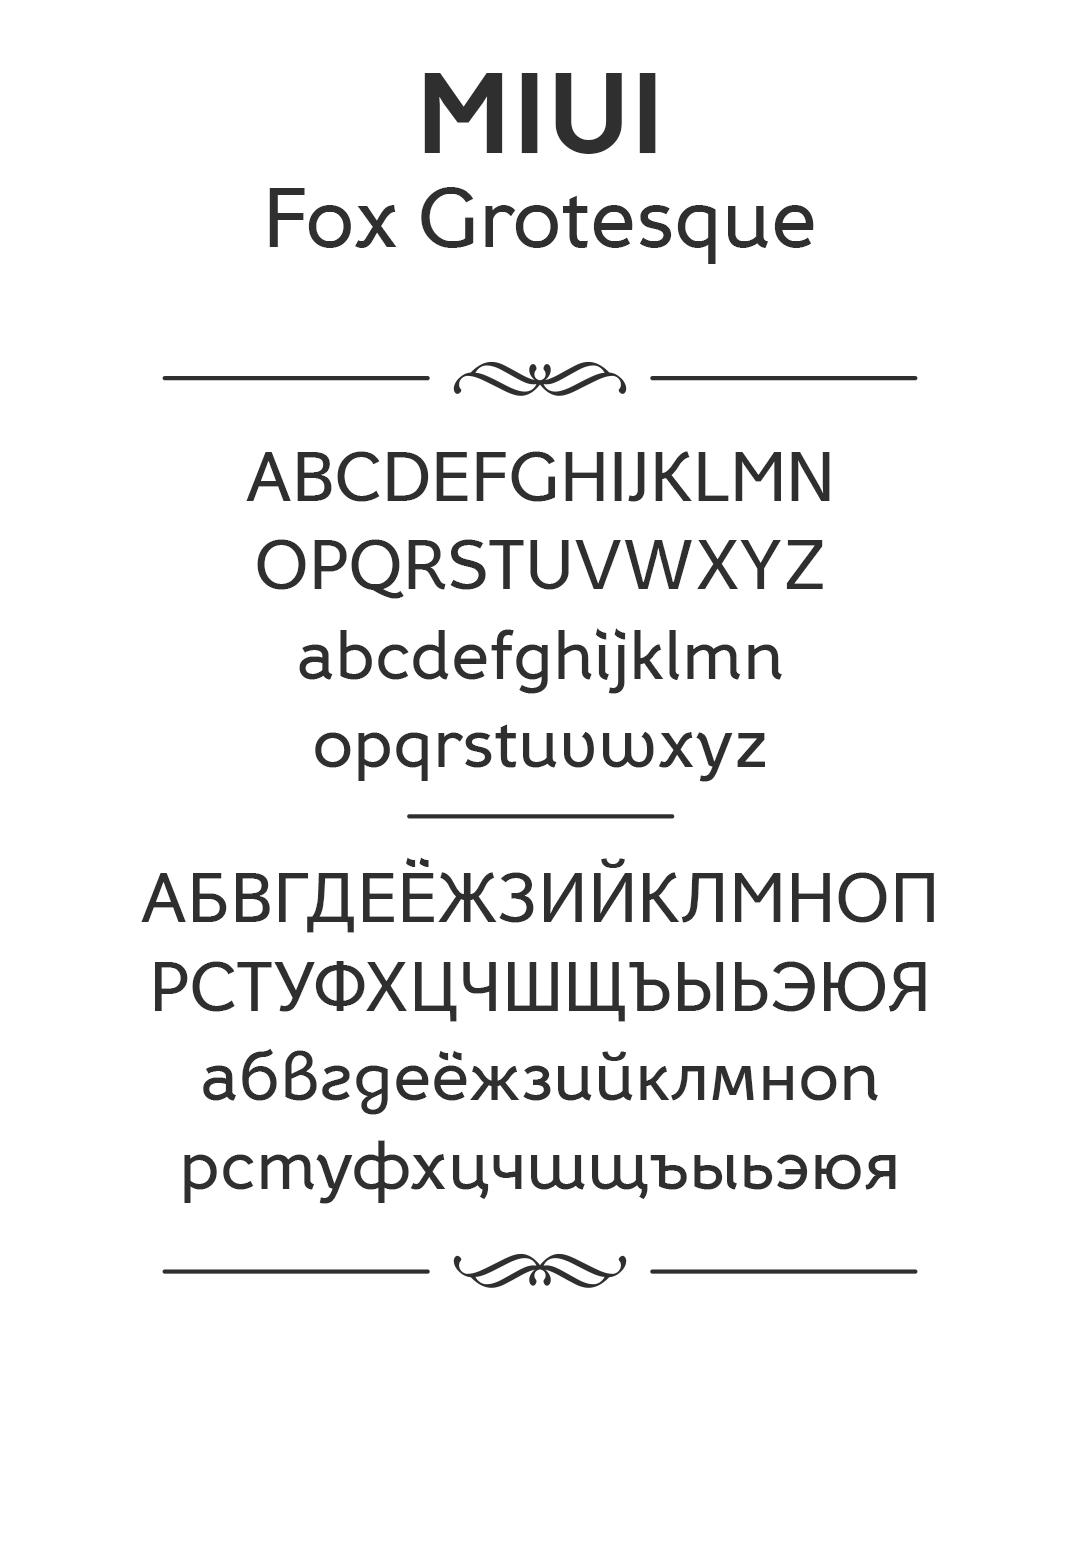 preview fonts big 0 10